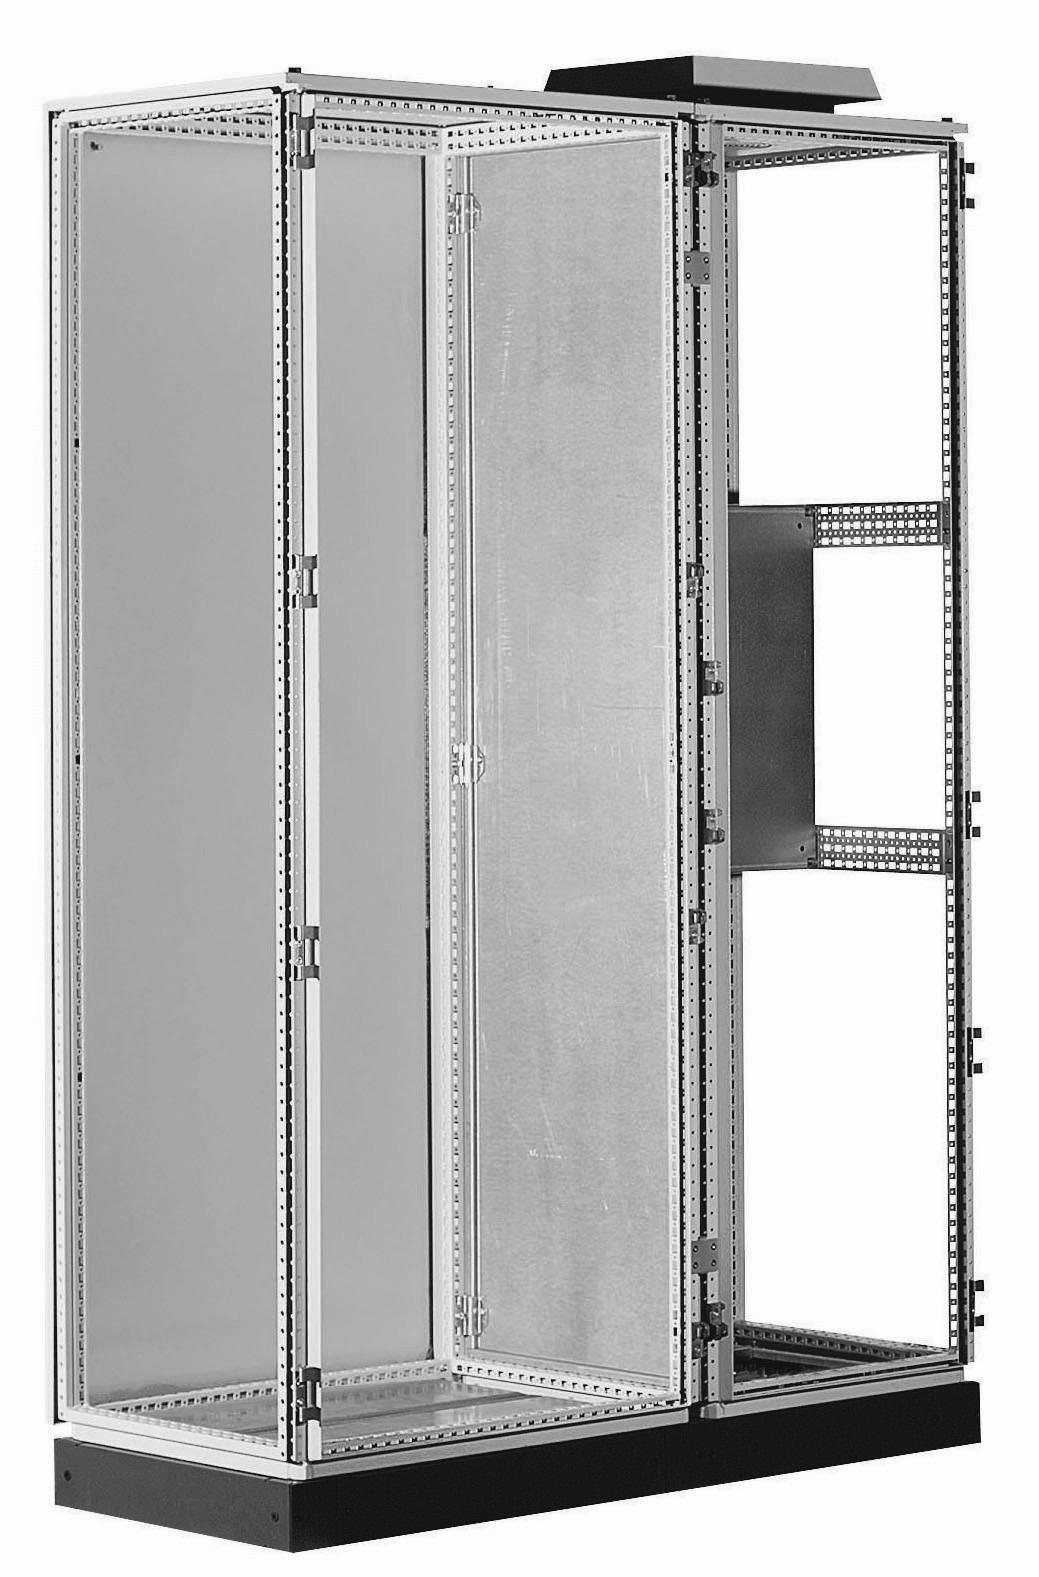 1 Stk Trennwand 2000x400mm ASTW2004--